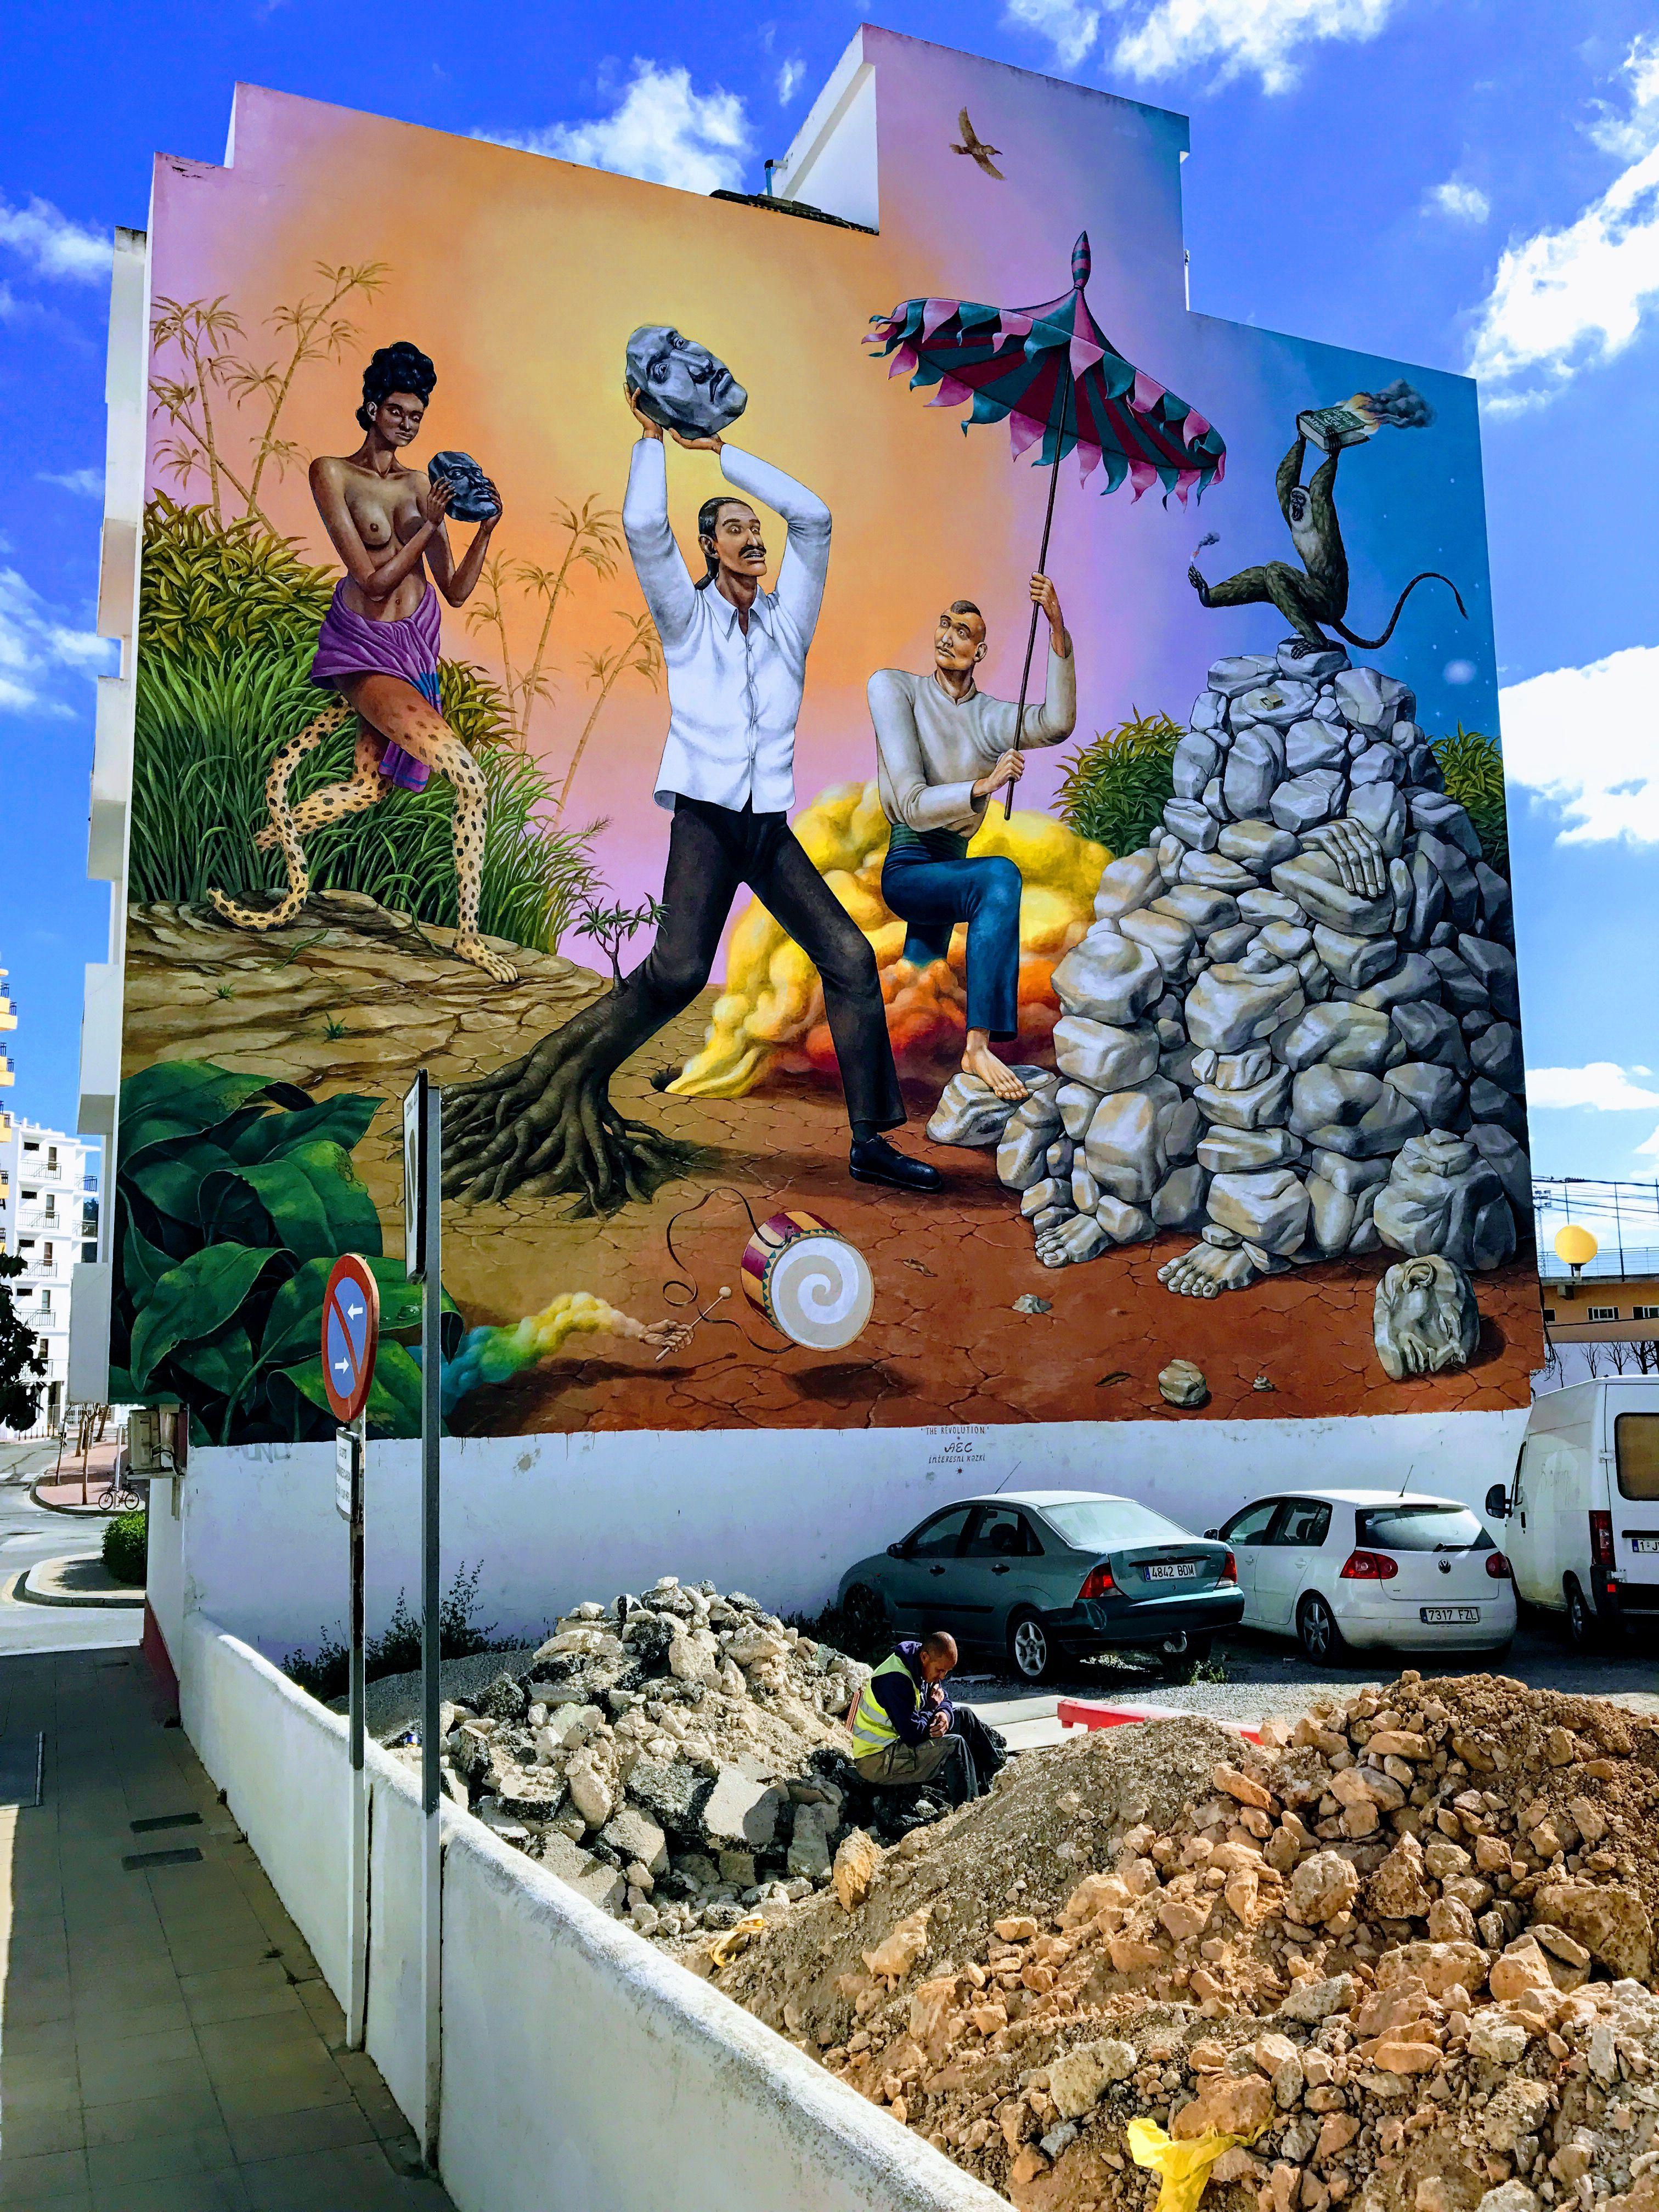 Street art Saint Antonio Street art, Art, My arts